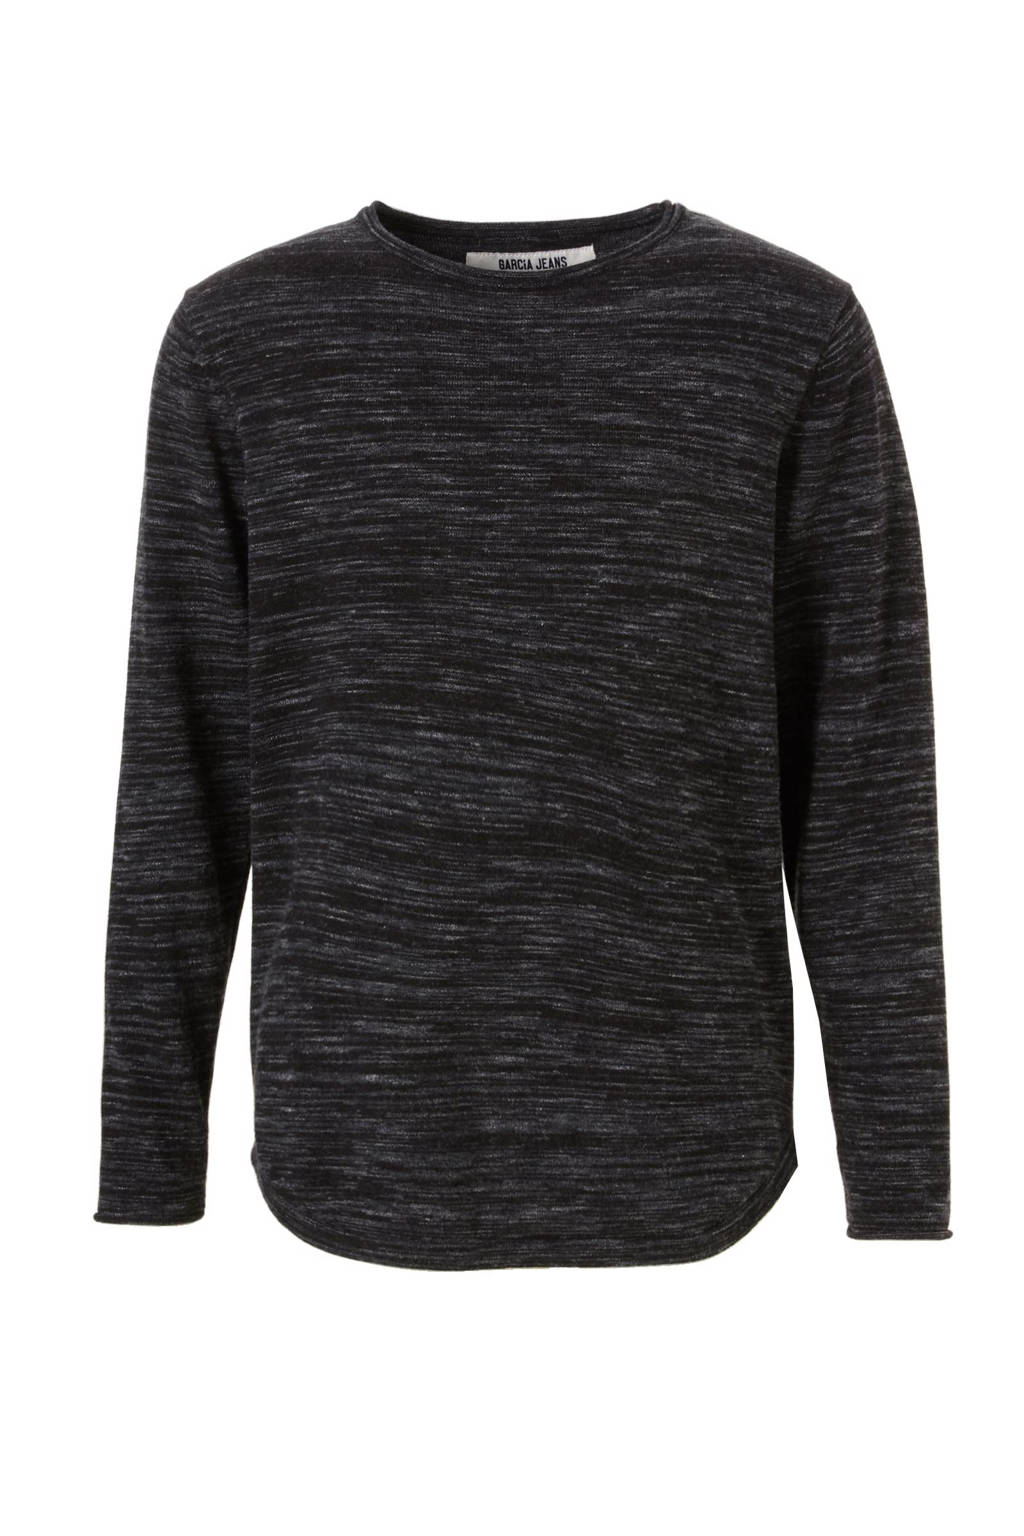 Garcia T-shirt, zwart/ grijs